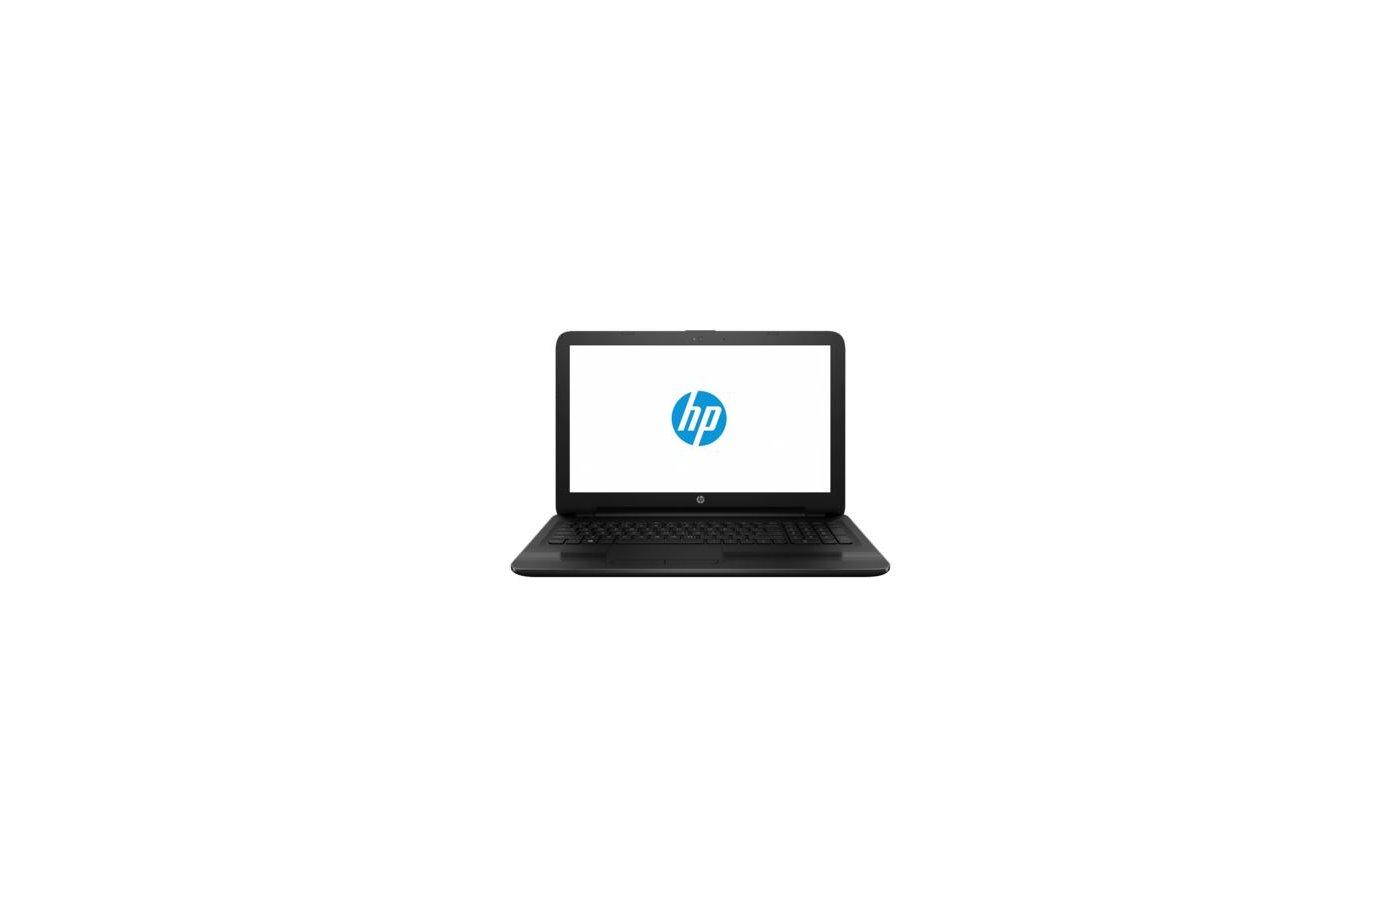 Ноутбук HP 15-ba092UR /X7G42EA/ AMD A6 7310/6Gb/500Gb/DVDRW/R5 430 2Gb/15.6/WiFiWin10